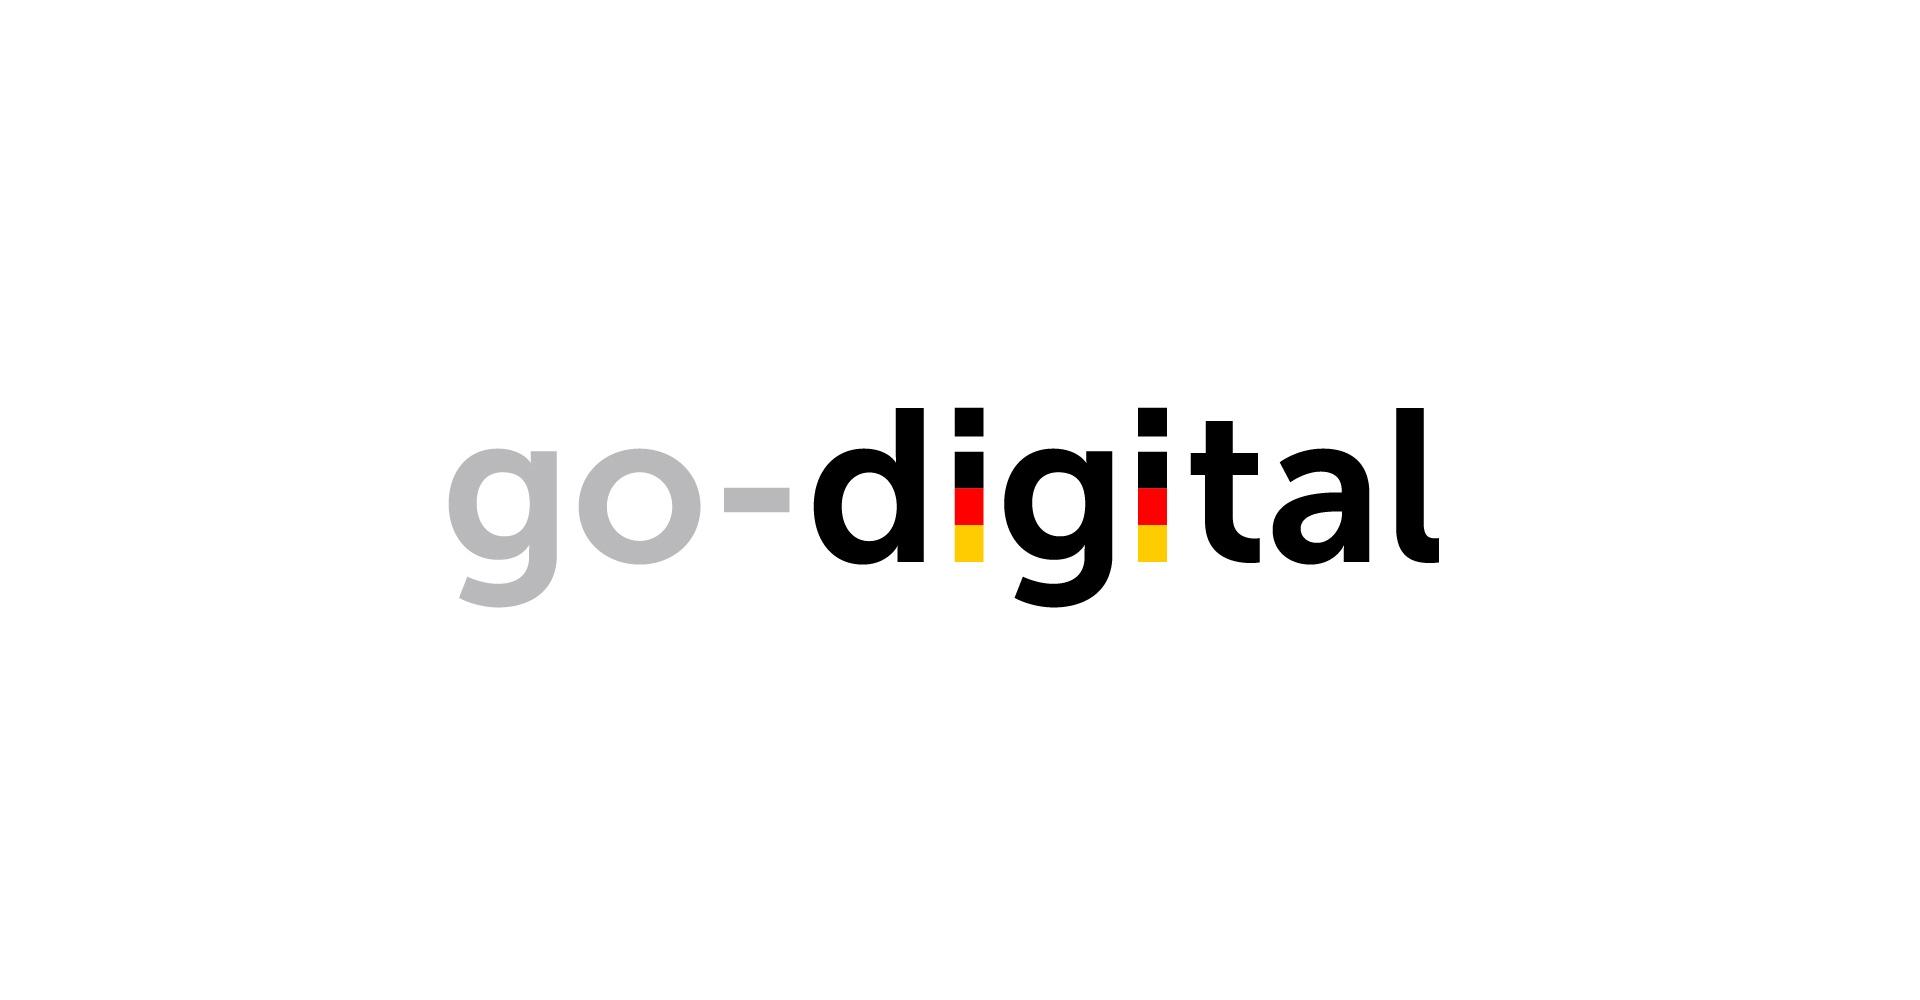 """8works für Förderprogramm """"go-digital"""" des Bundesministeriums für Wirtschaft und Energie autorisiert"""